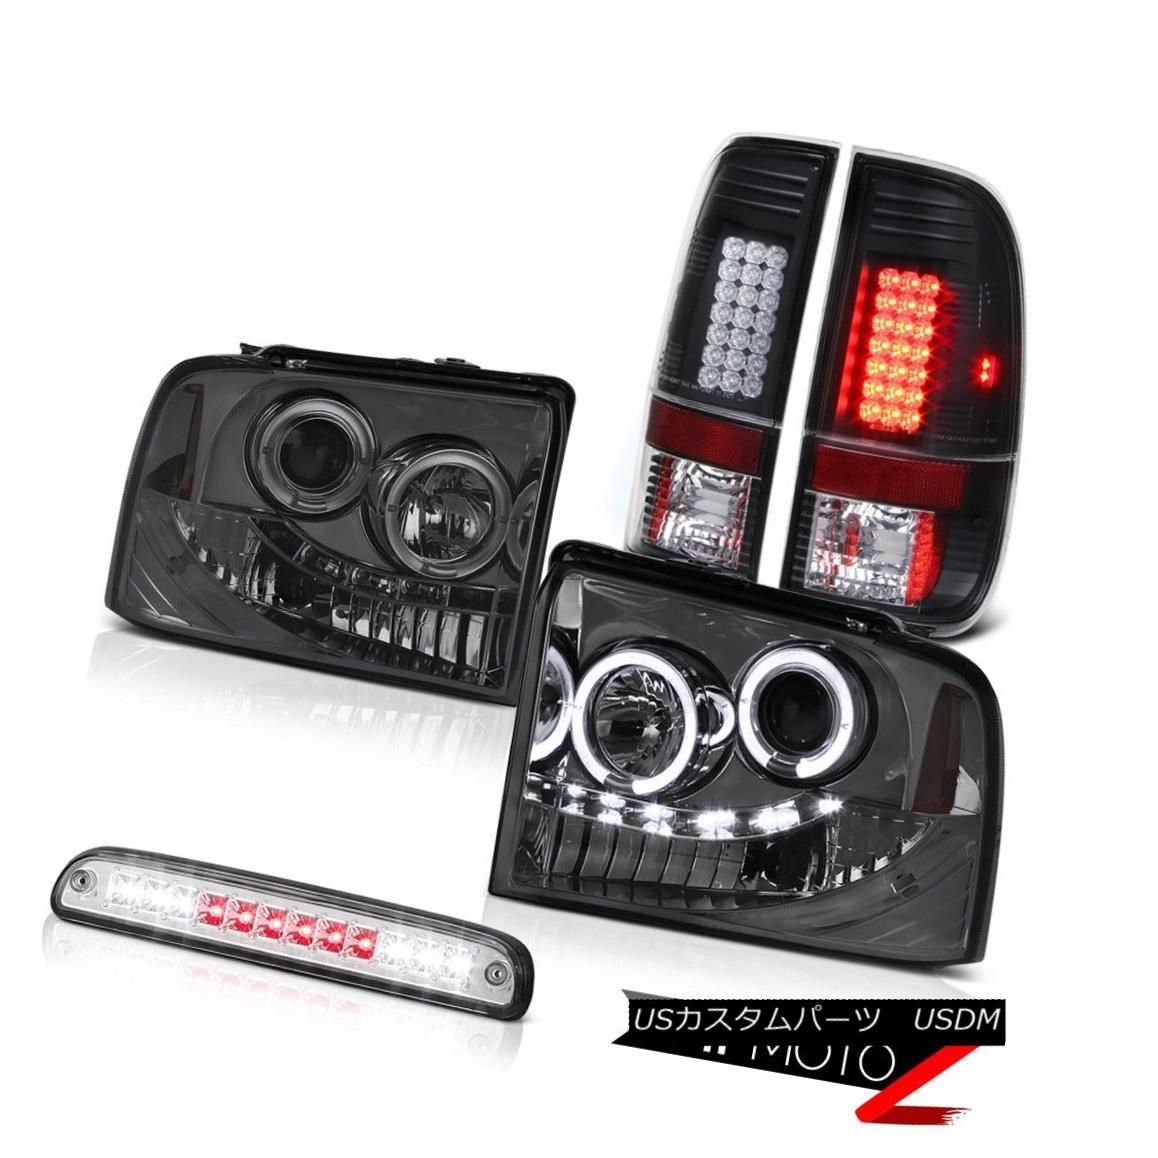 定番  テールライト Smoke Halo Headlights 2005-2007 XLT Black Brake Lights LED Tail Lights Chrome 3rd 2005-2007 F250 XLT スモークハローヘッドライトブラックブレーキLEDテールライトクローム3rd 2005-2007 F250 XLT, GLITTER DRESS:003074dc --- scrabblewordsfinder.net